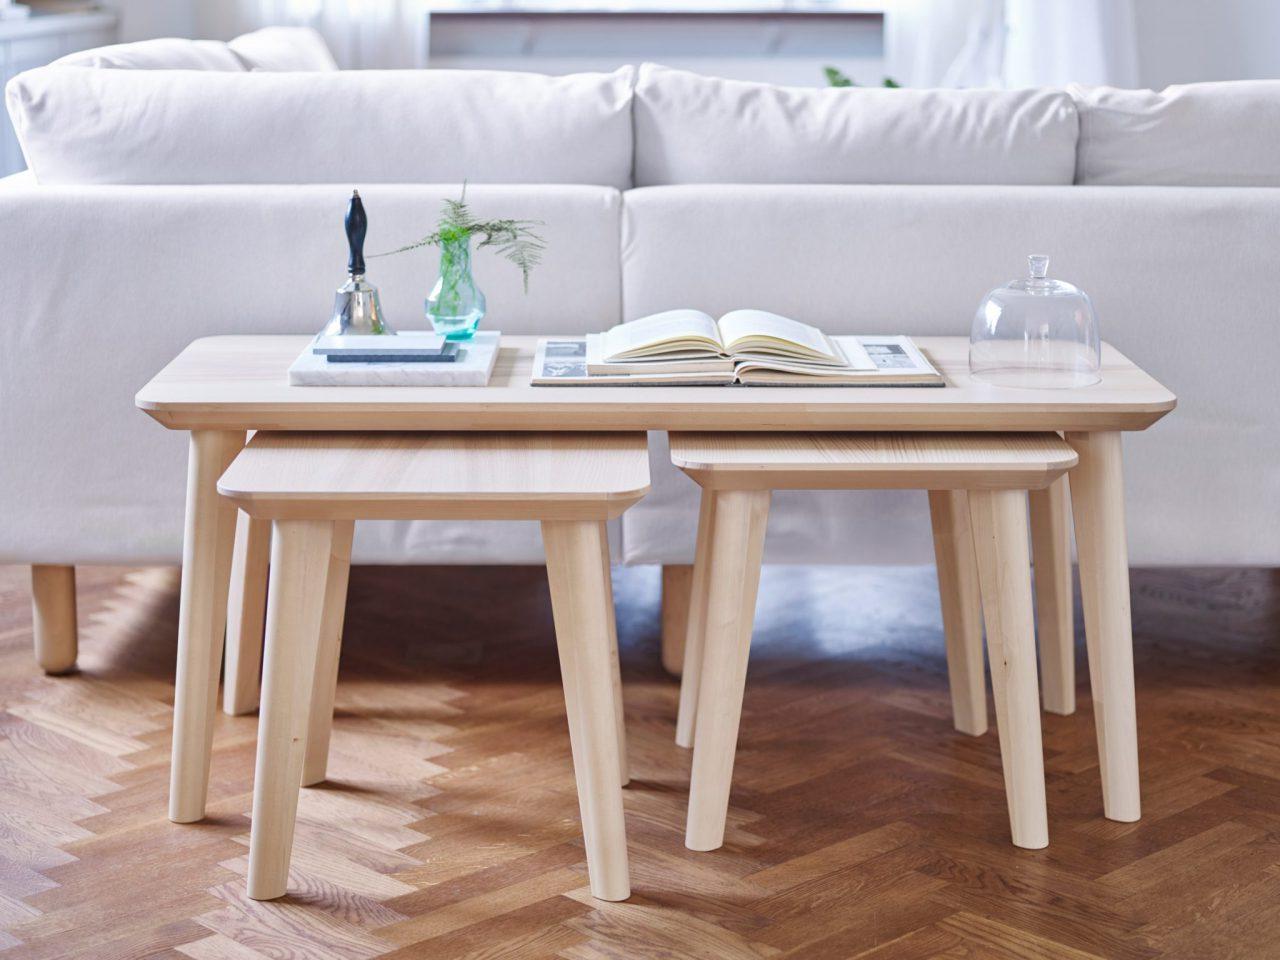 Mesa Lisabo S1du No MÃ S tornillos Ikea Re Revoluciona El Mueble T Spain